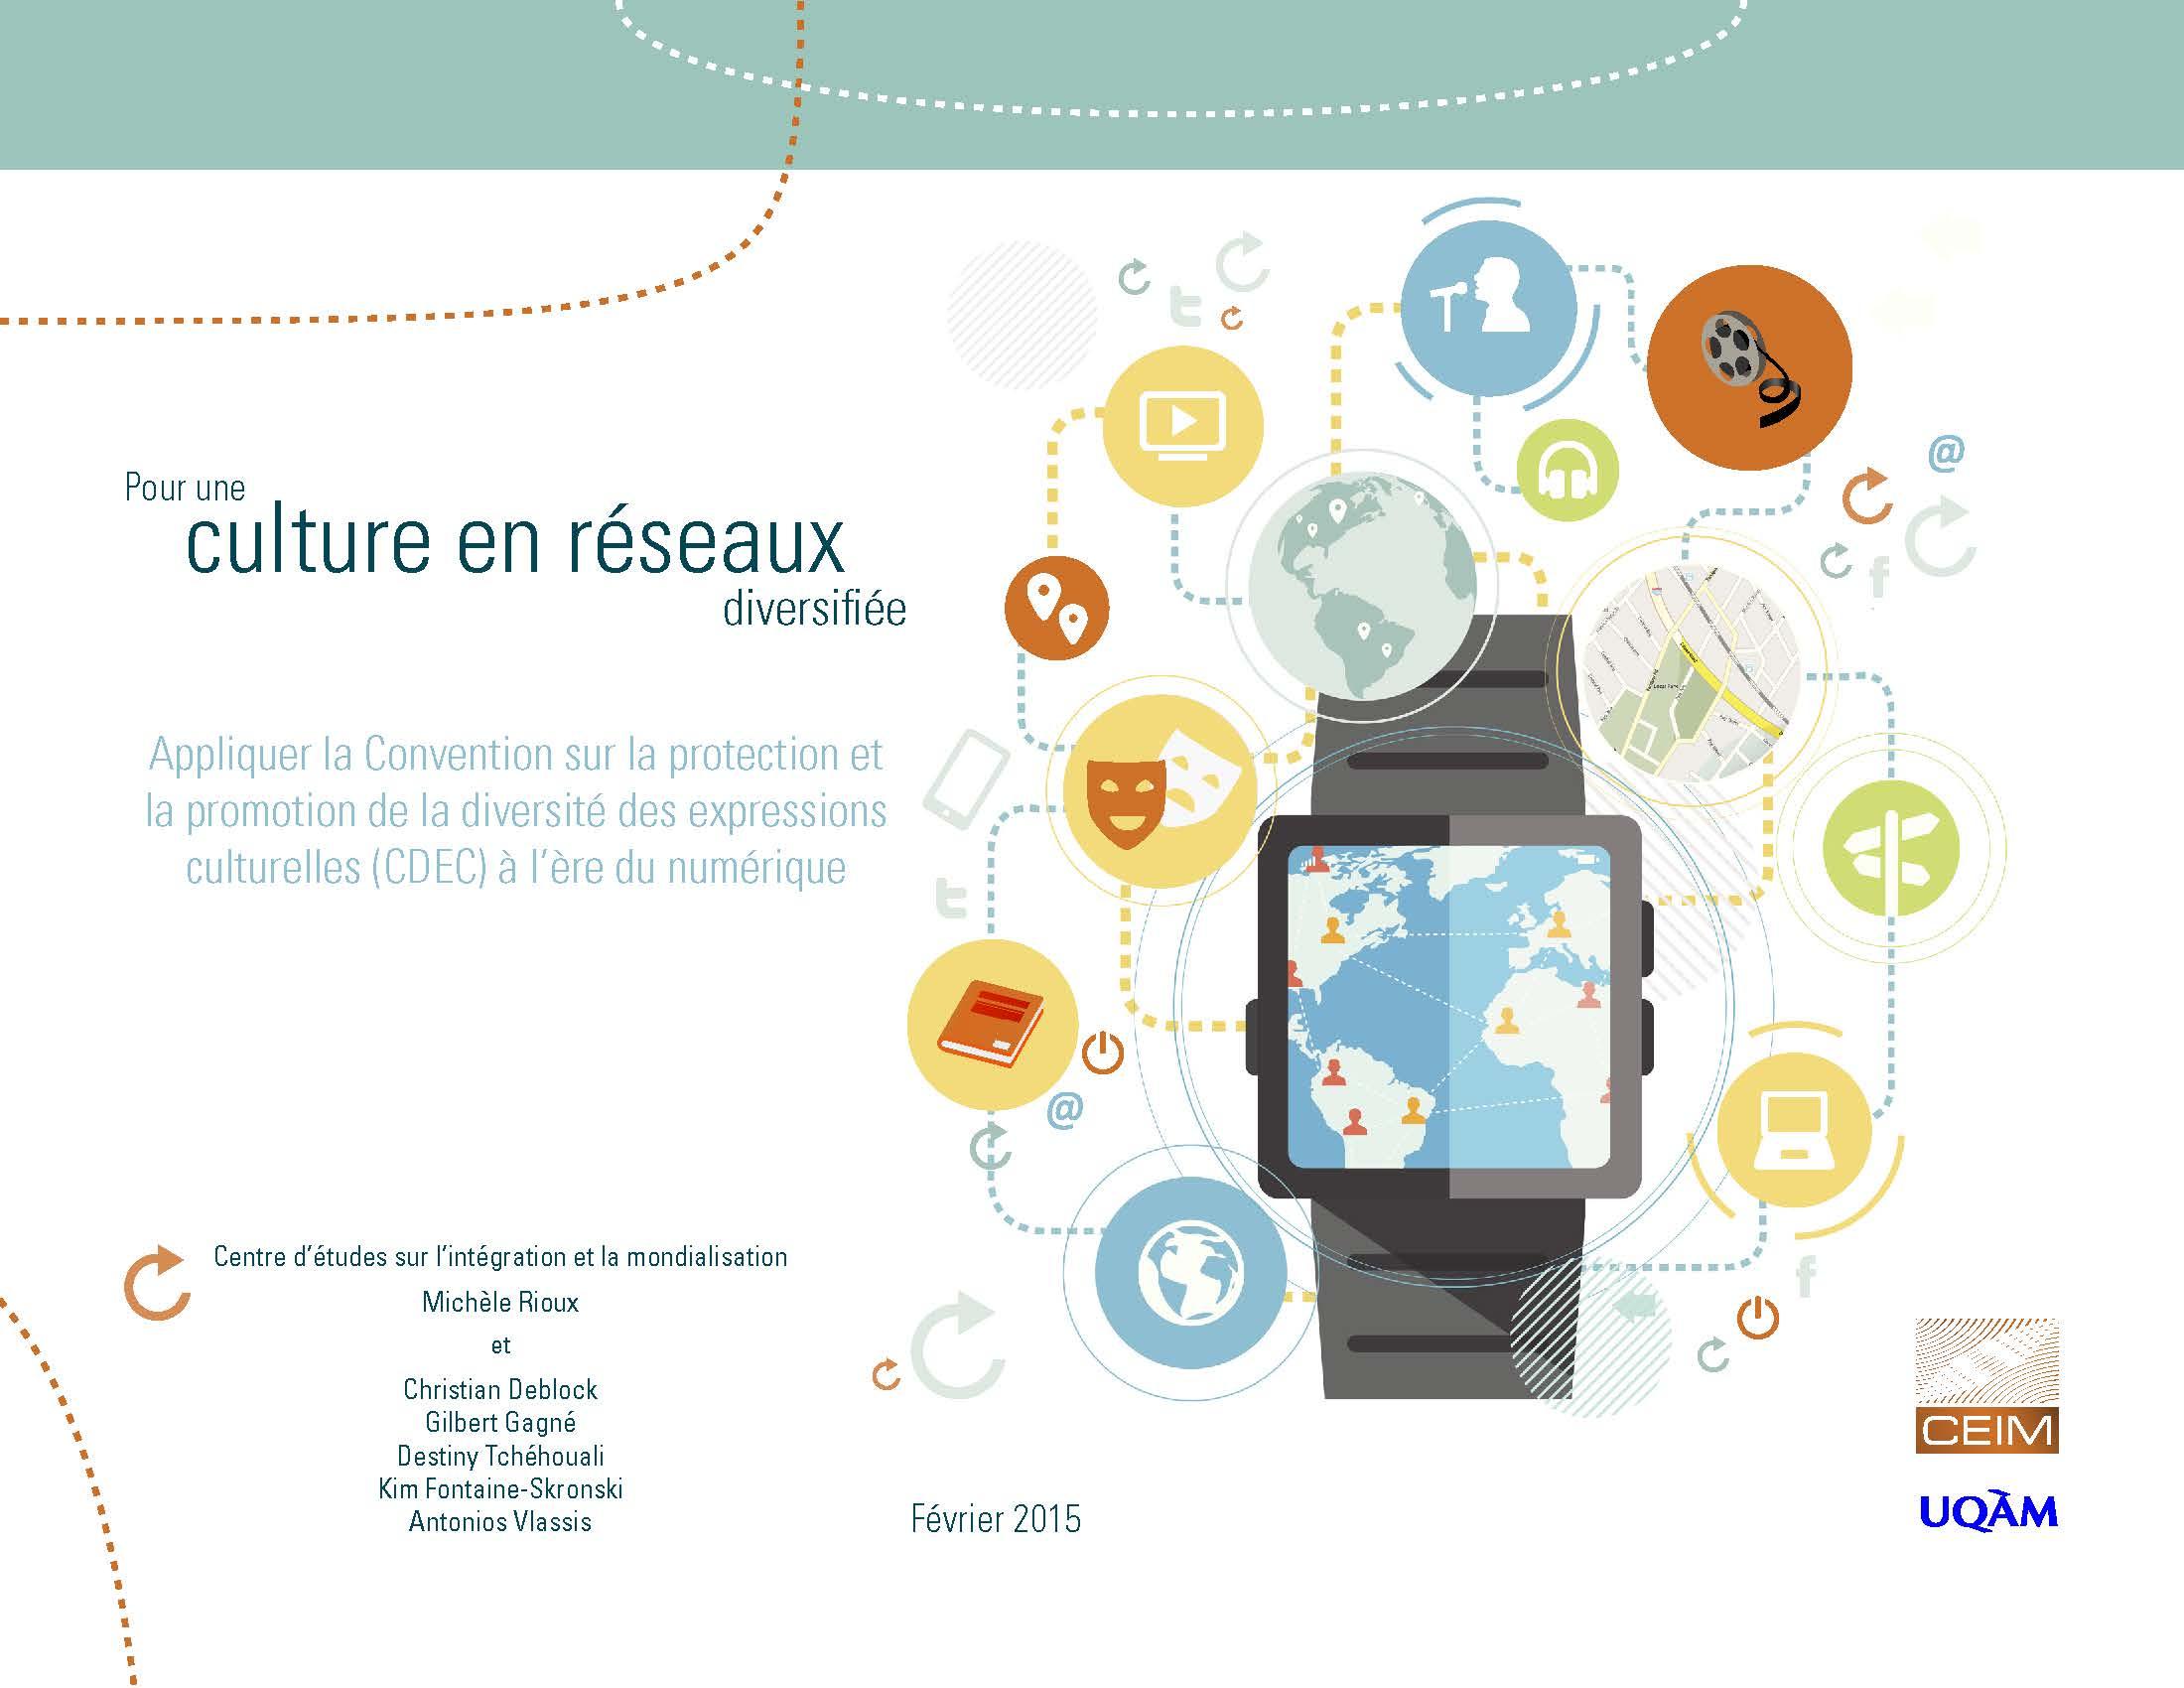 Pour une culture en réseaux diversifiée: Appliquer la Convention sur la protection et la promotion de la diversité des expressions culturelles (CDEC) à l'ère du numérique